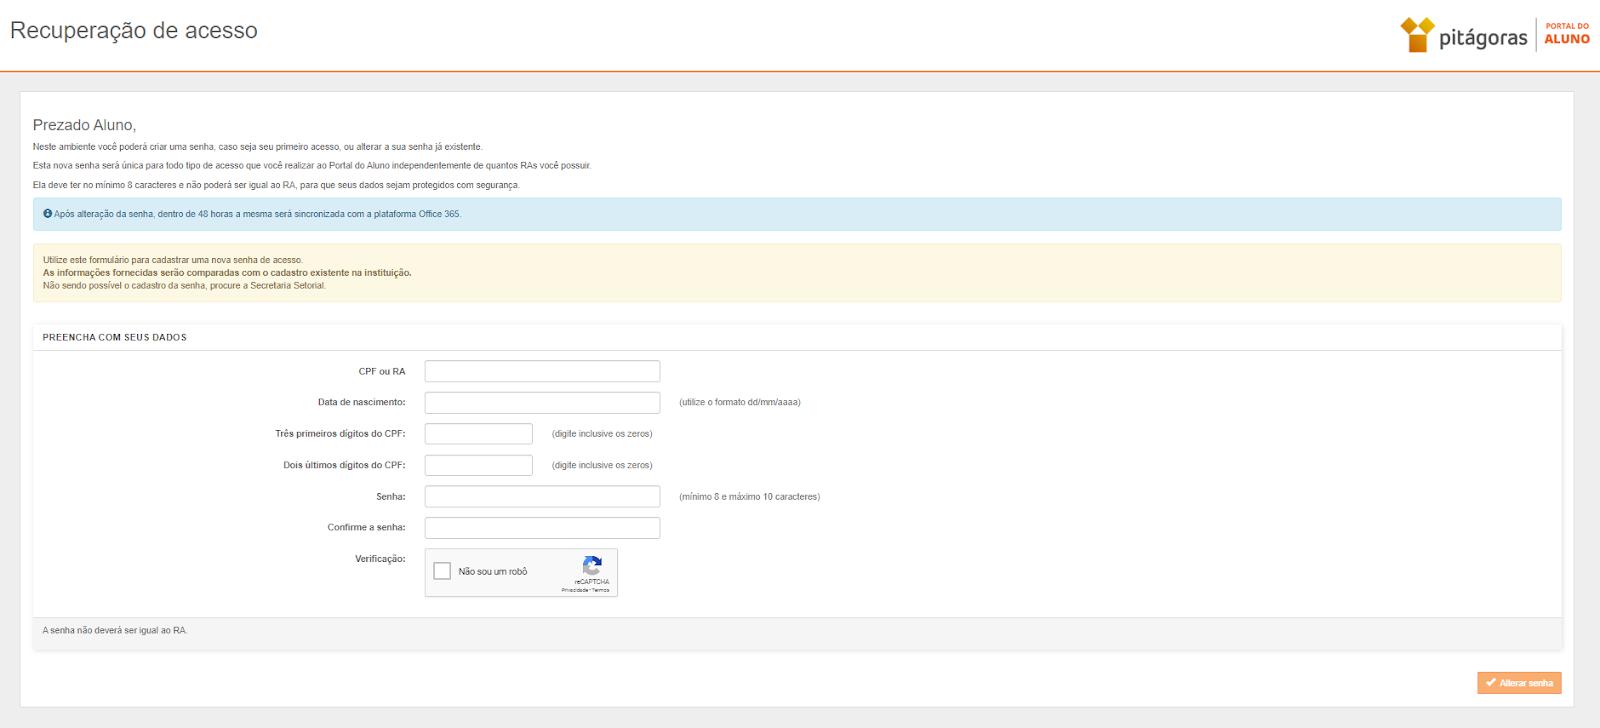 recuperação de acesso portal do aluno pitágoras